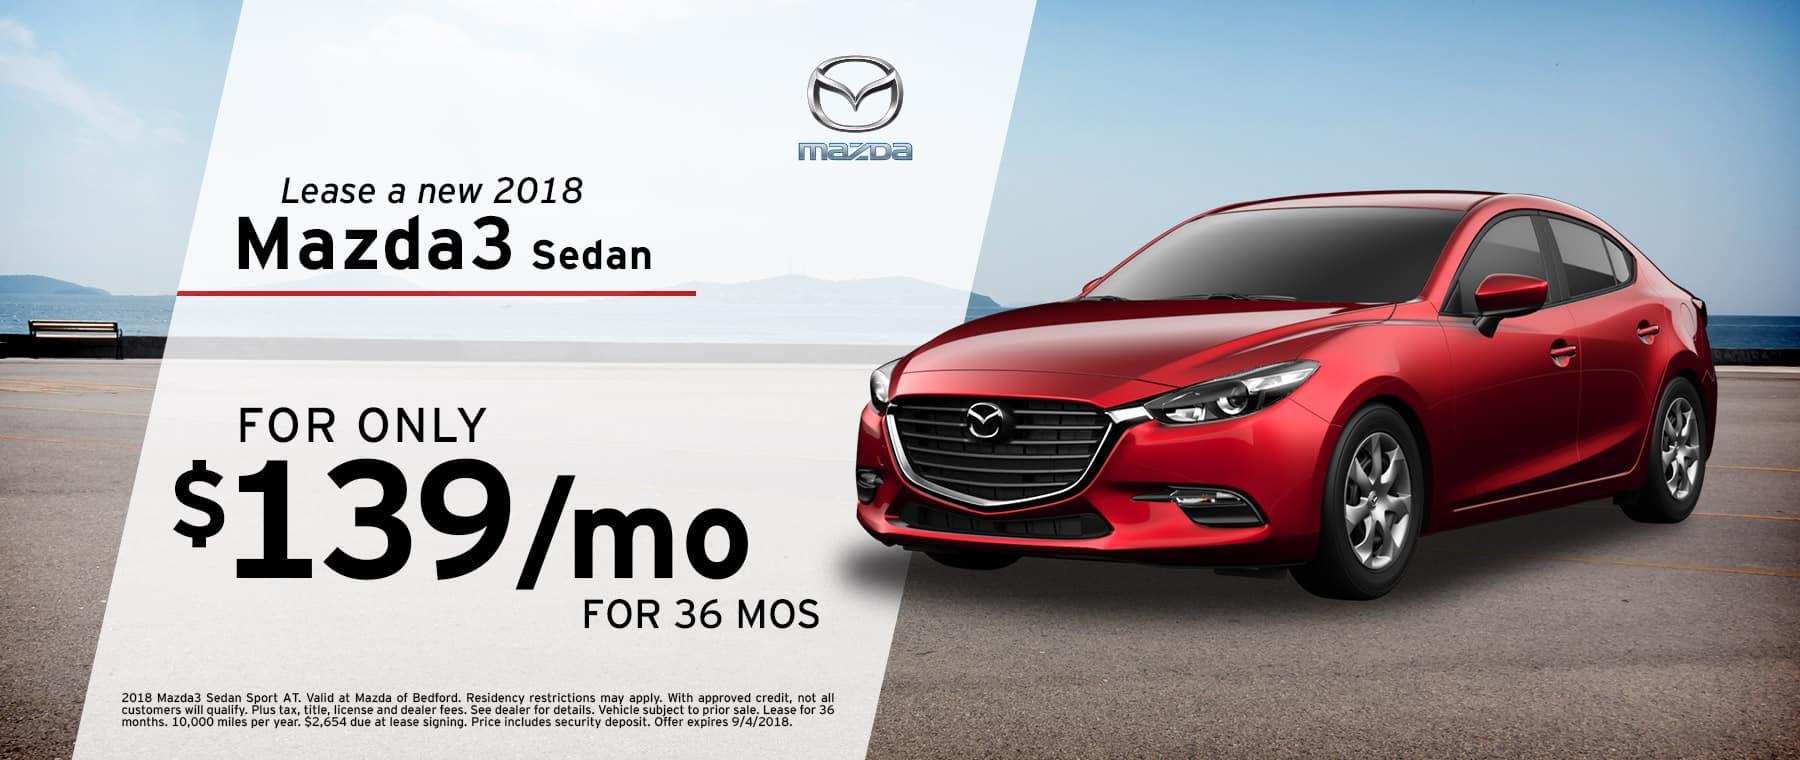 Mazda3 | Mazda of Bedford